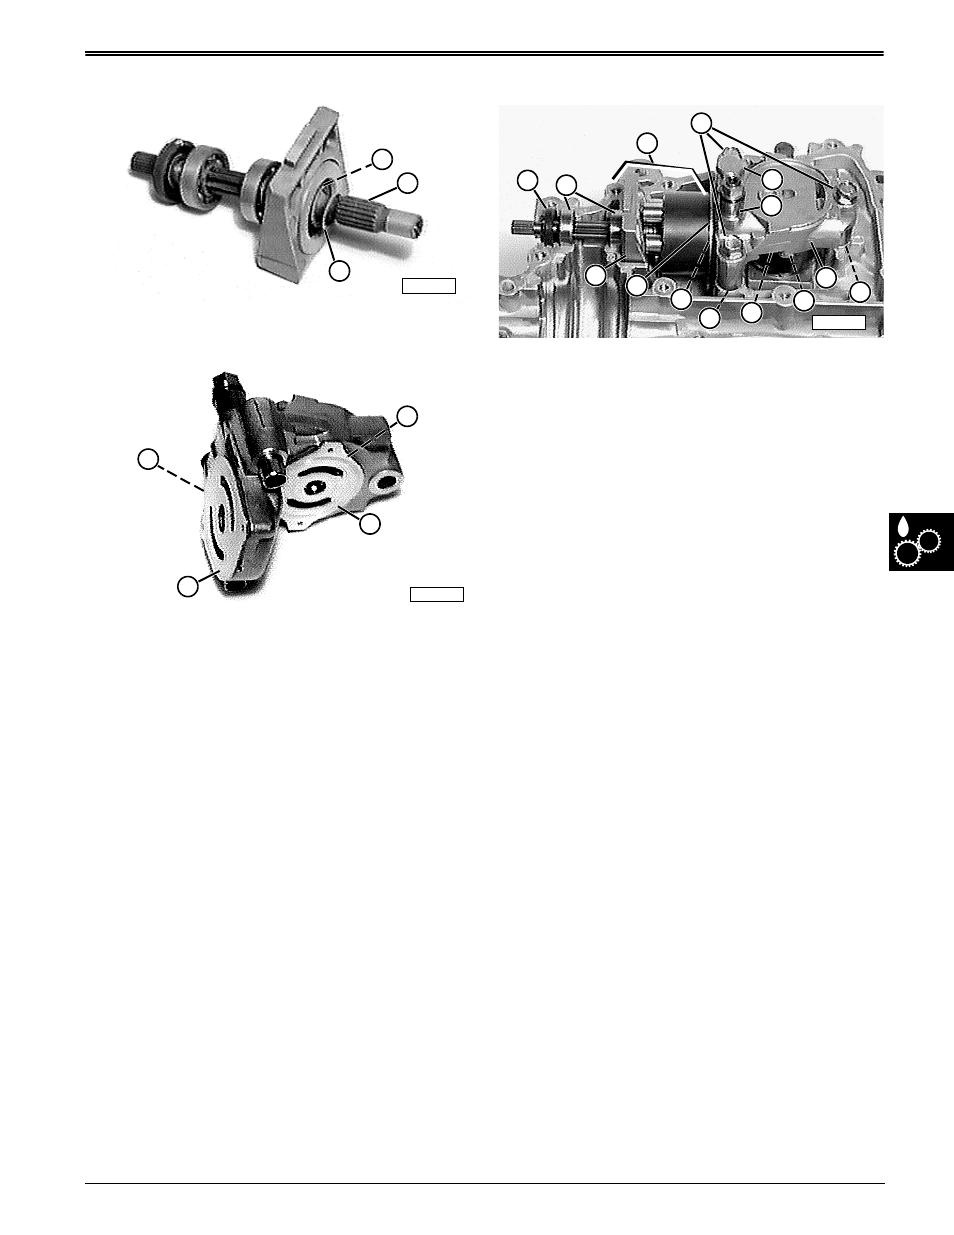 [DIAGRAM] John Deere Stx38 Manual Transmission Diagram